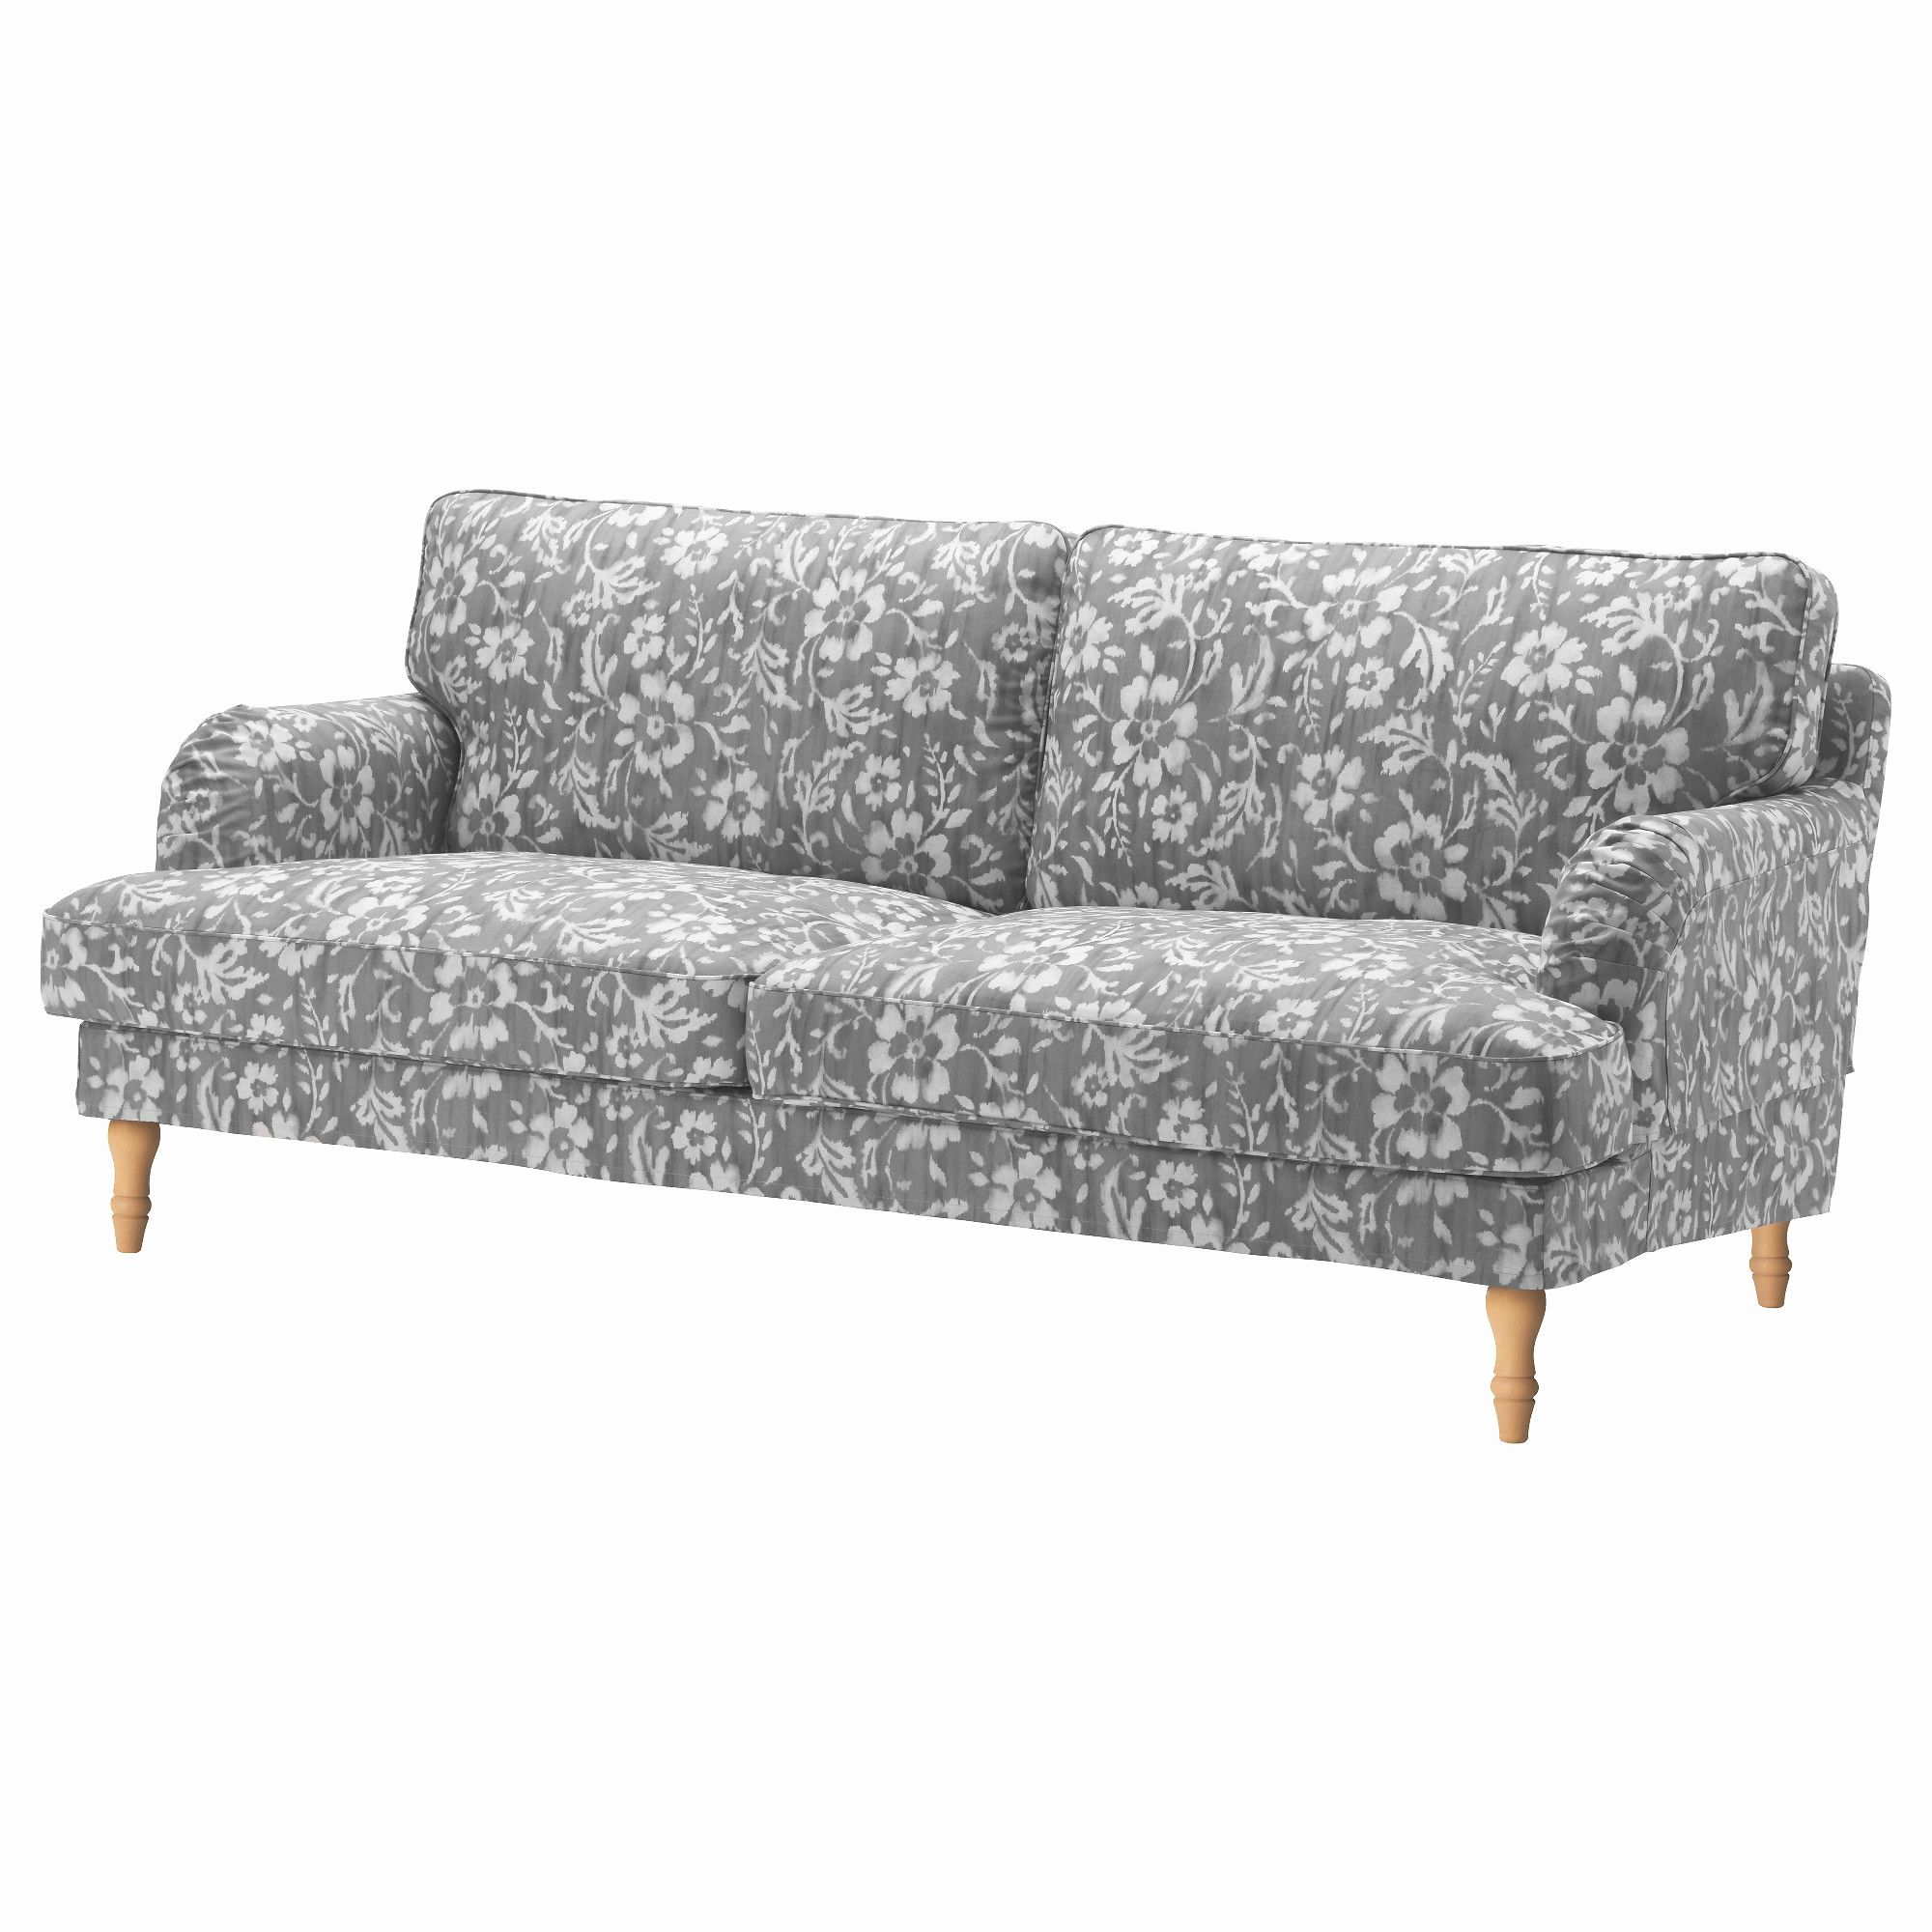 23 Schone Ikea Ektorp Sofa Bett Abdeckungen 2 Sitzer In 2019 Sofa